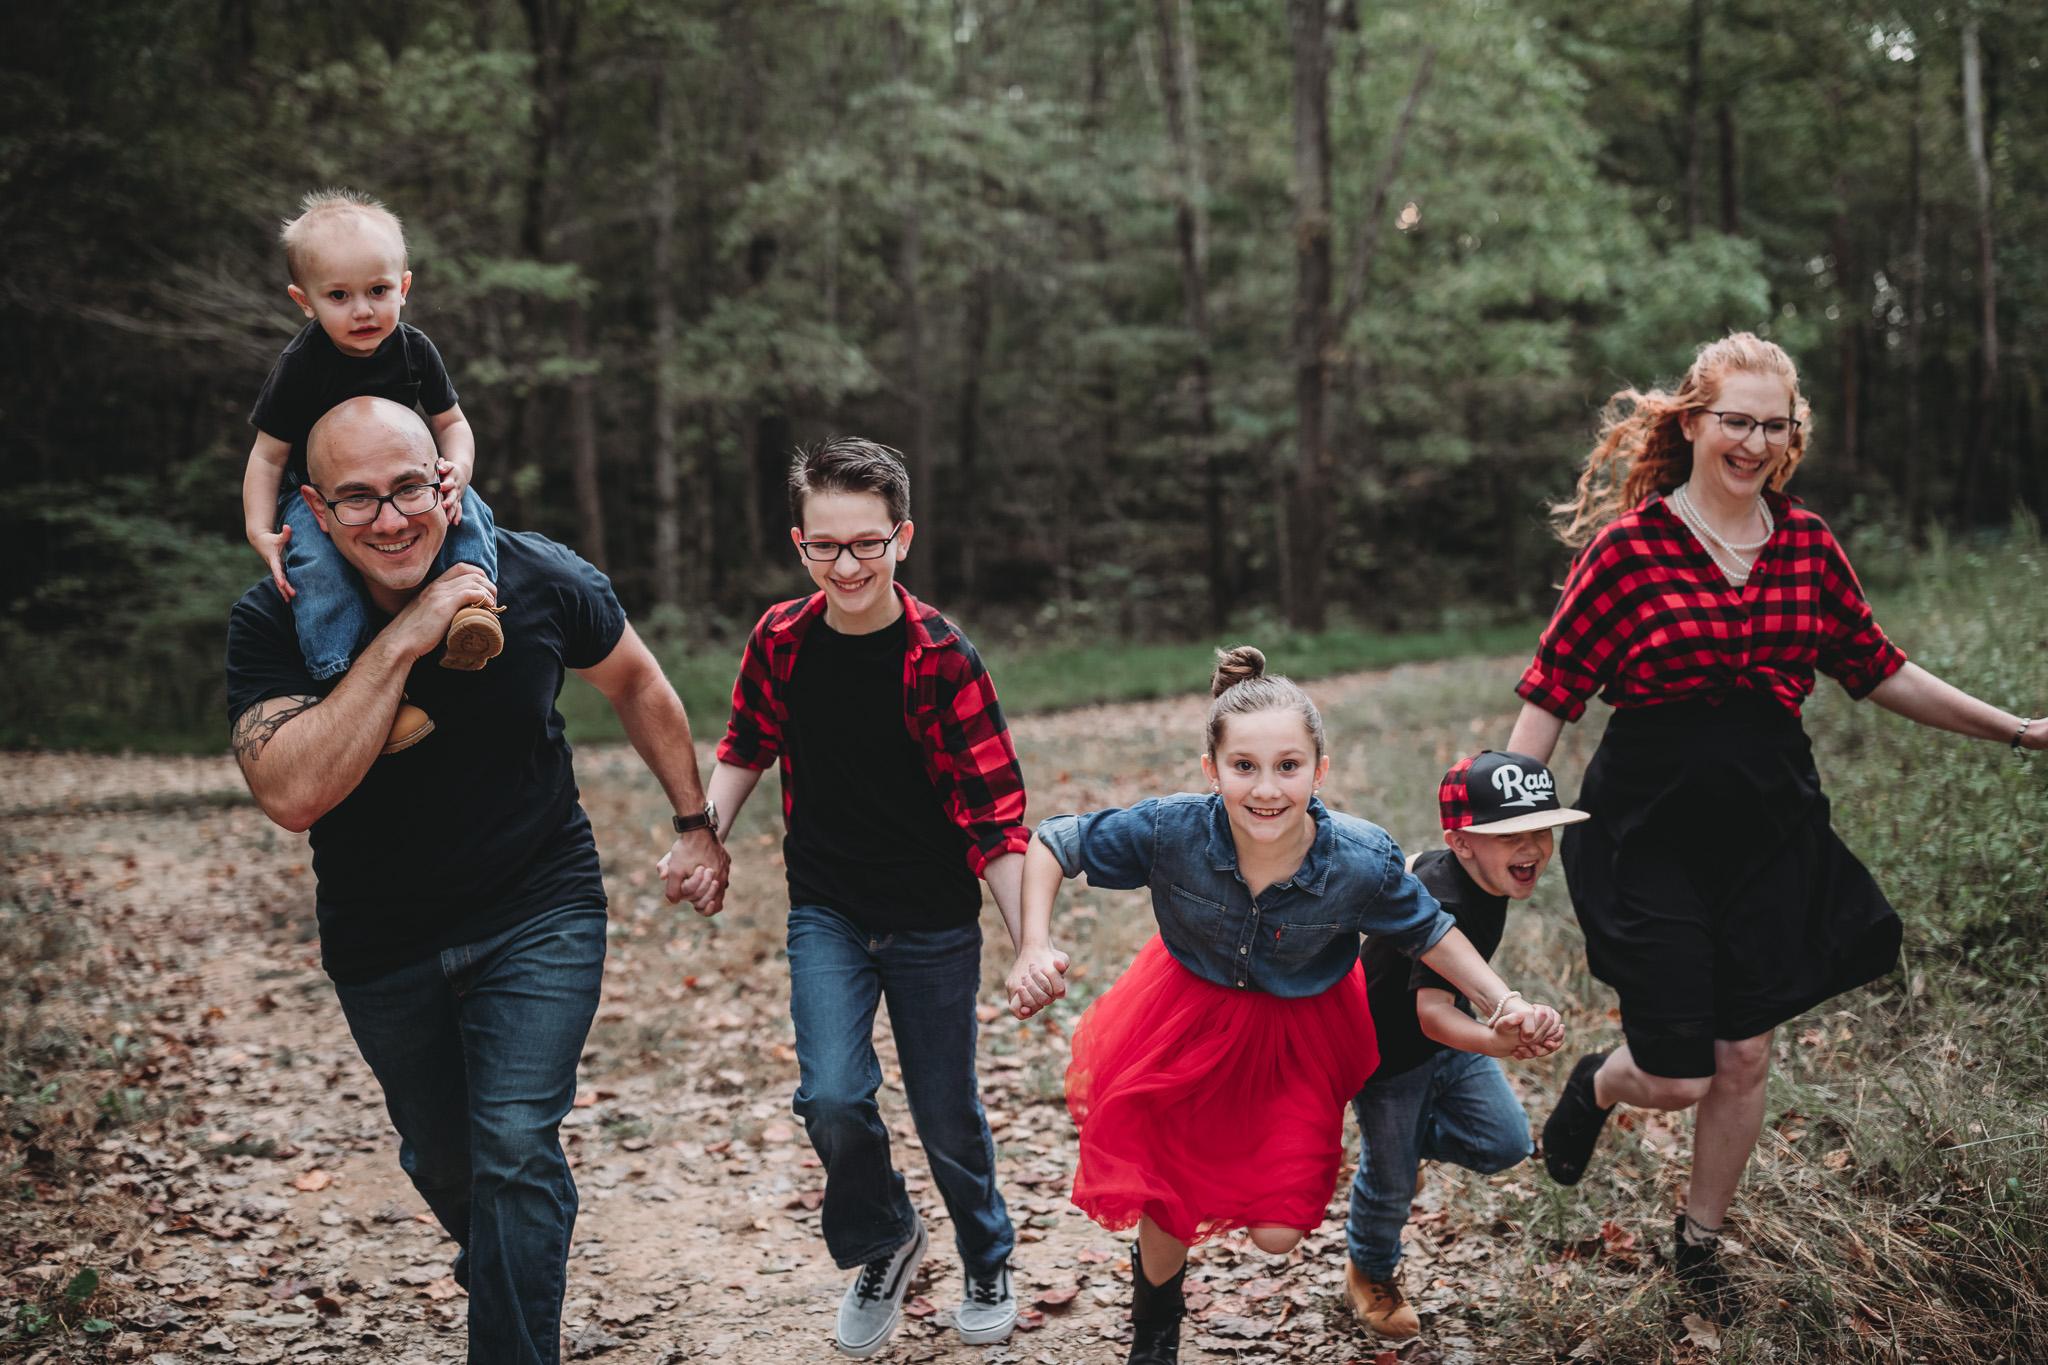 family of 6 posing idea